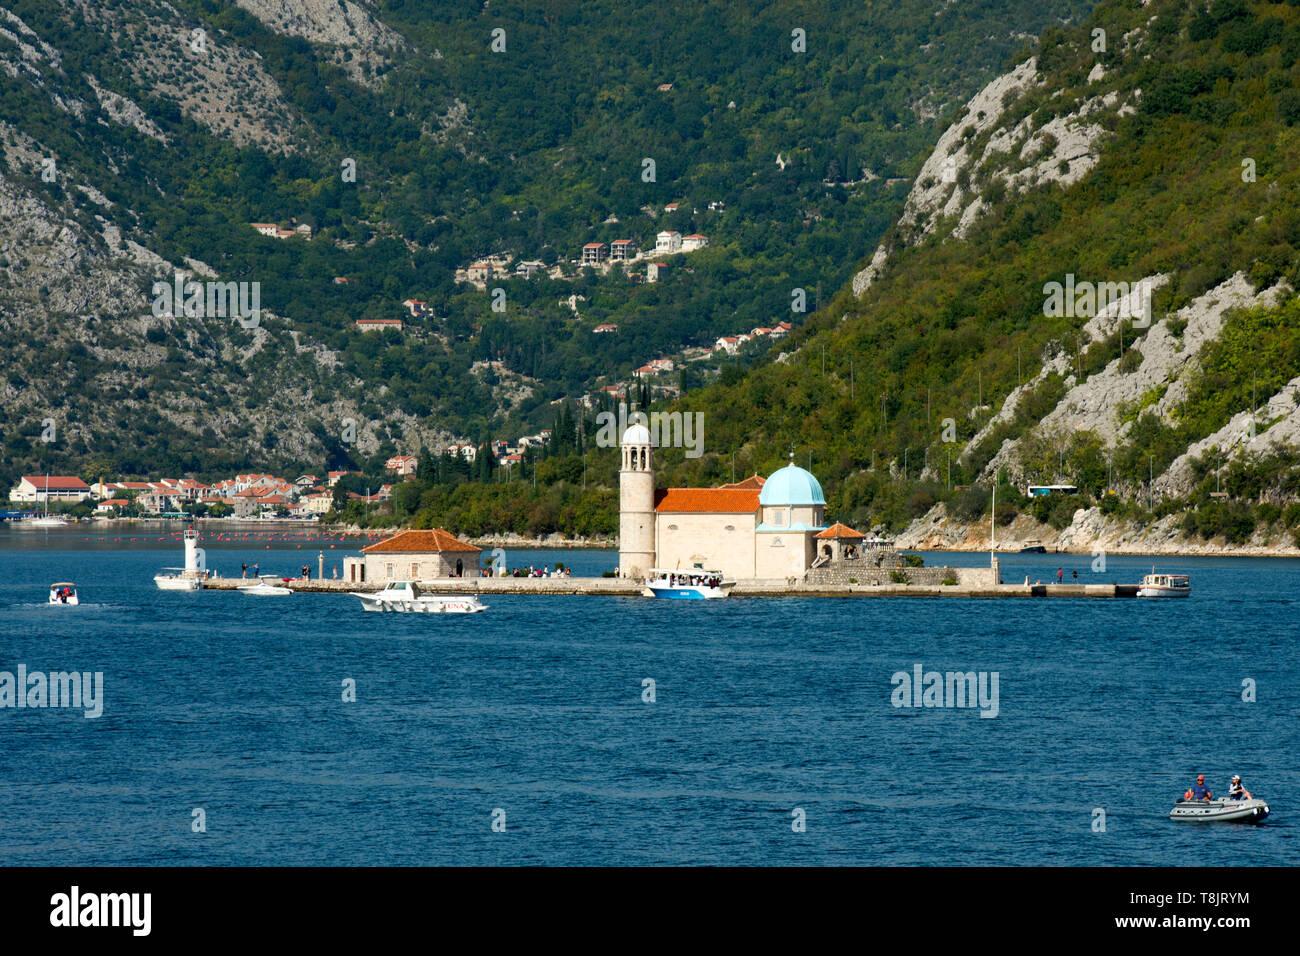 Montenegro, Perast, künstliche Insel Gospa od Škrpjela (italienisch Madonna dello Scarpello, deutsch Maria vom Felsen) - Stock Image